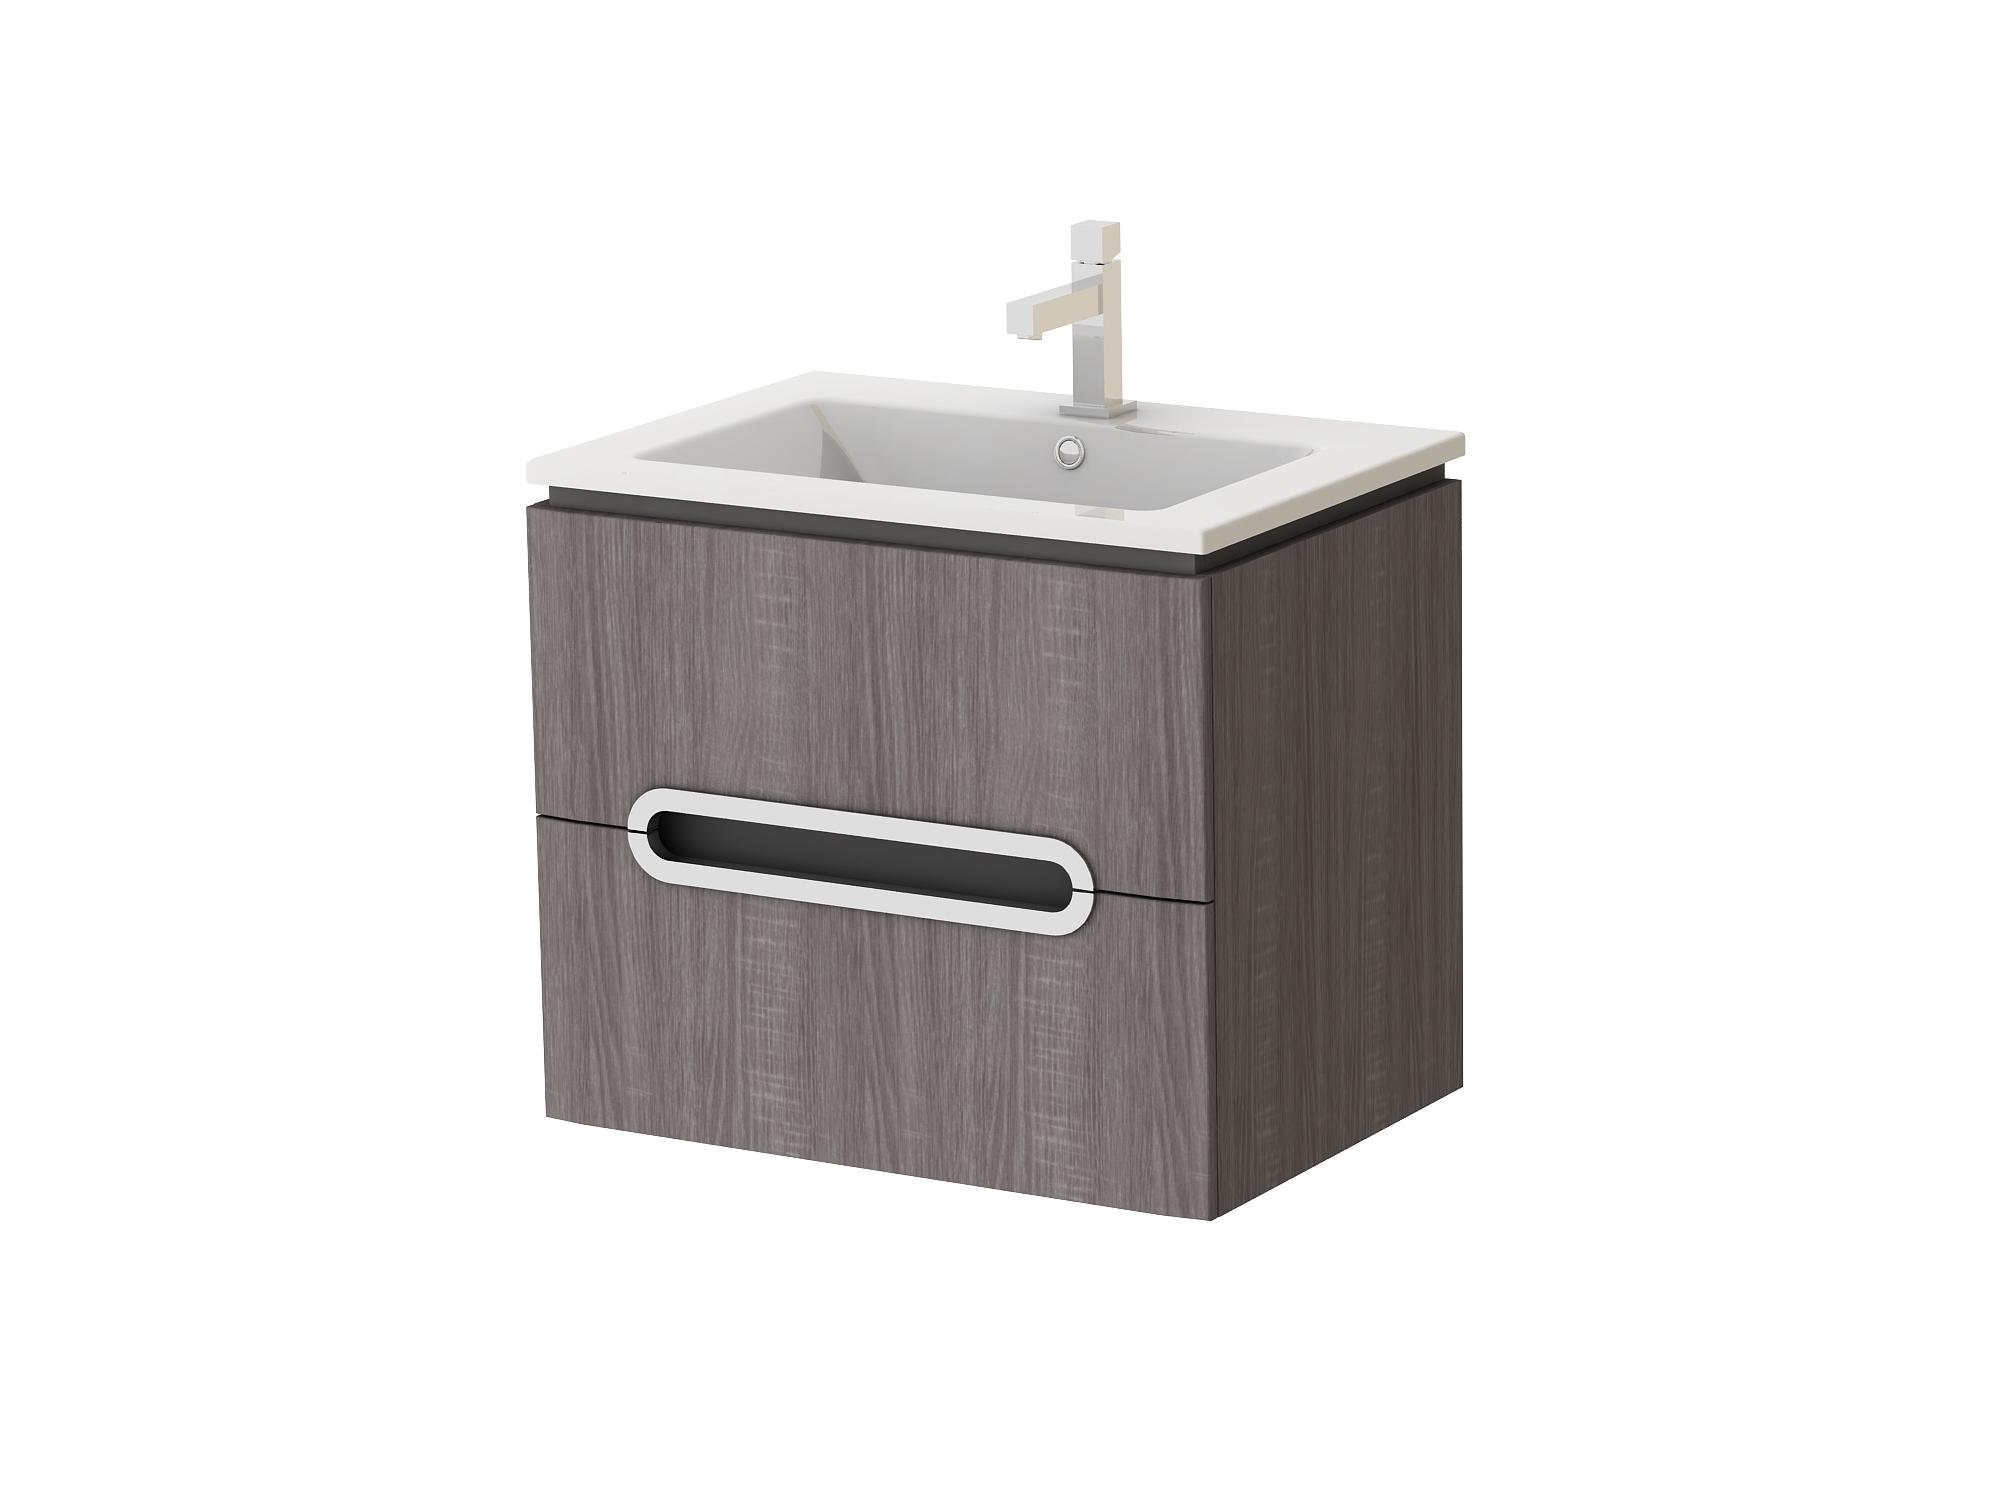 Kúpeľňová skrinka na stenu s umývadlom - Juventa - Prato - Pr-65 TR. Sme autorizovaný predajca Juventa. Vlastná spoľahlivá doprava až k Vám domov.